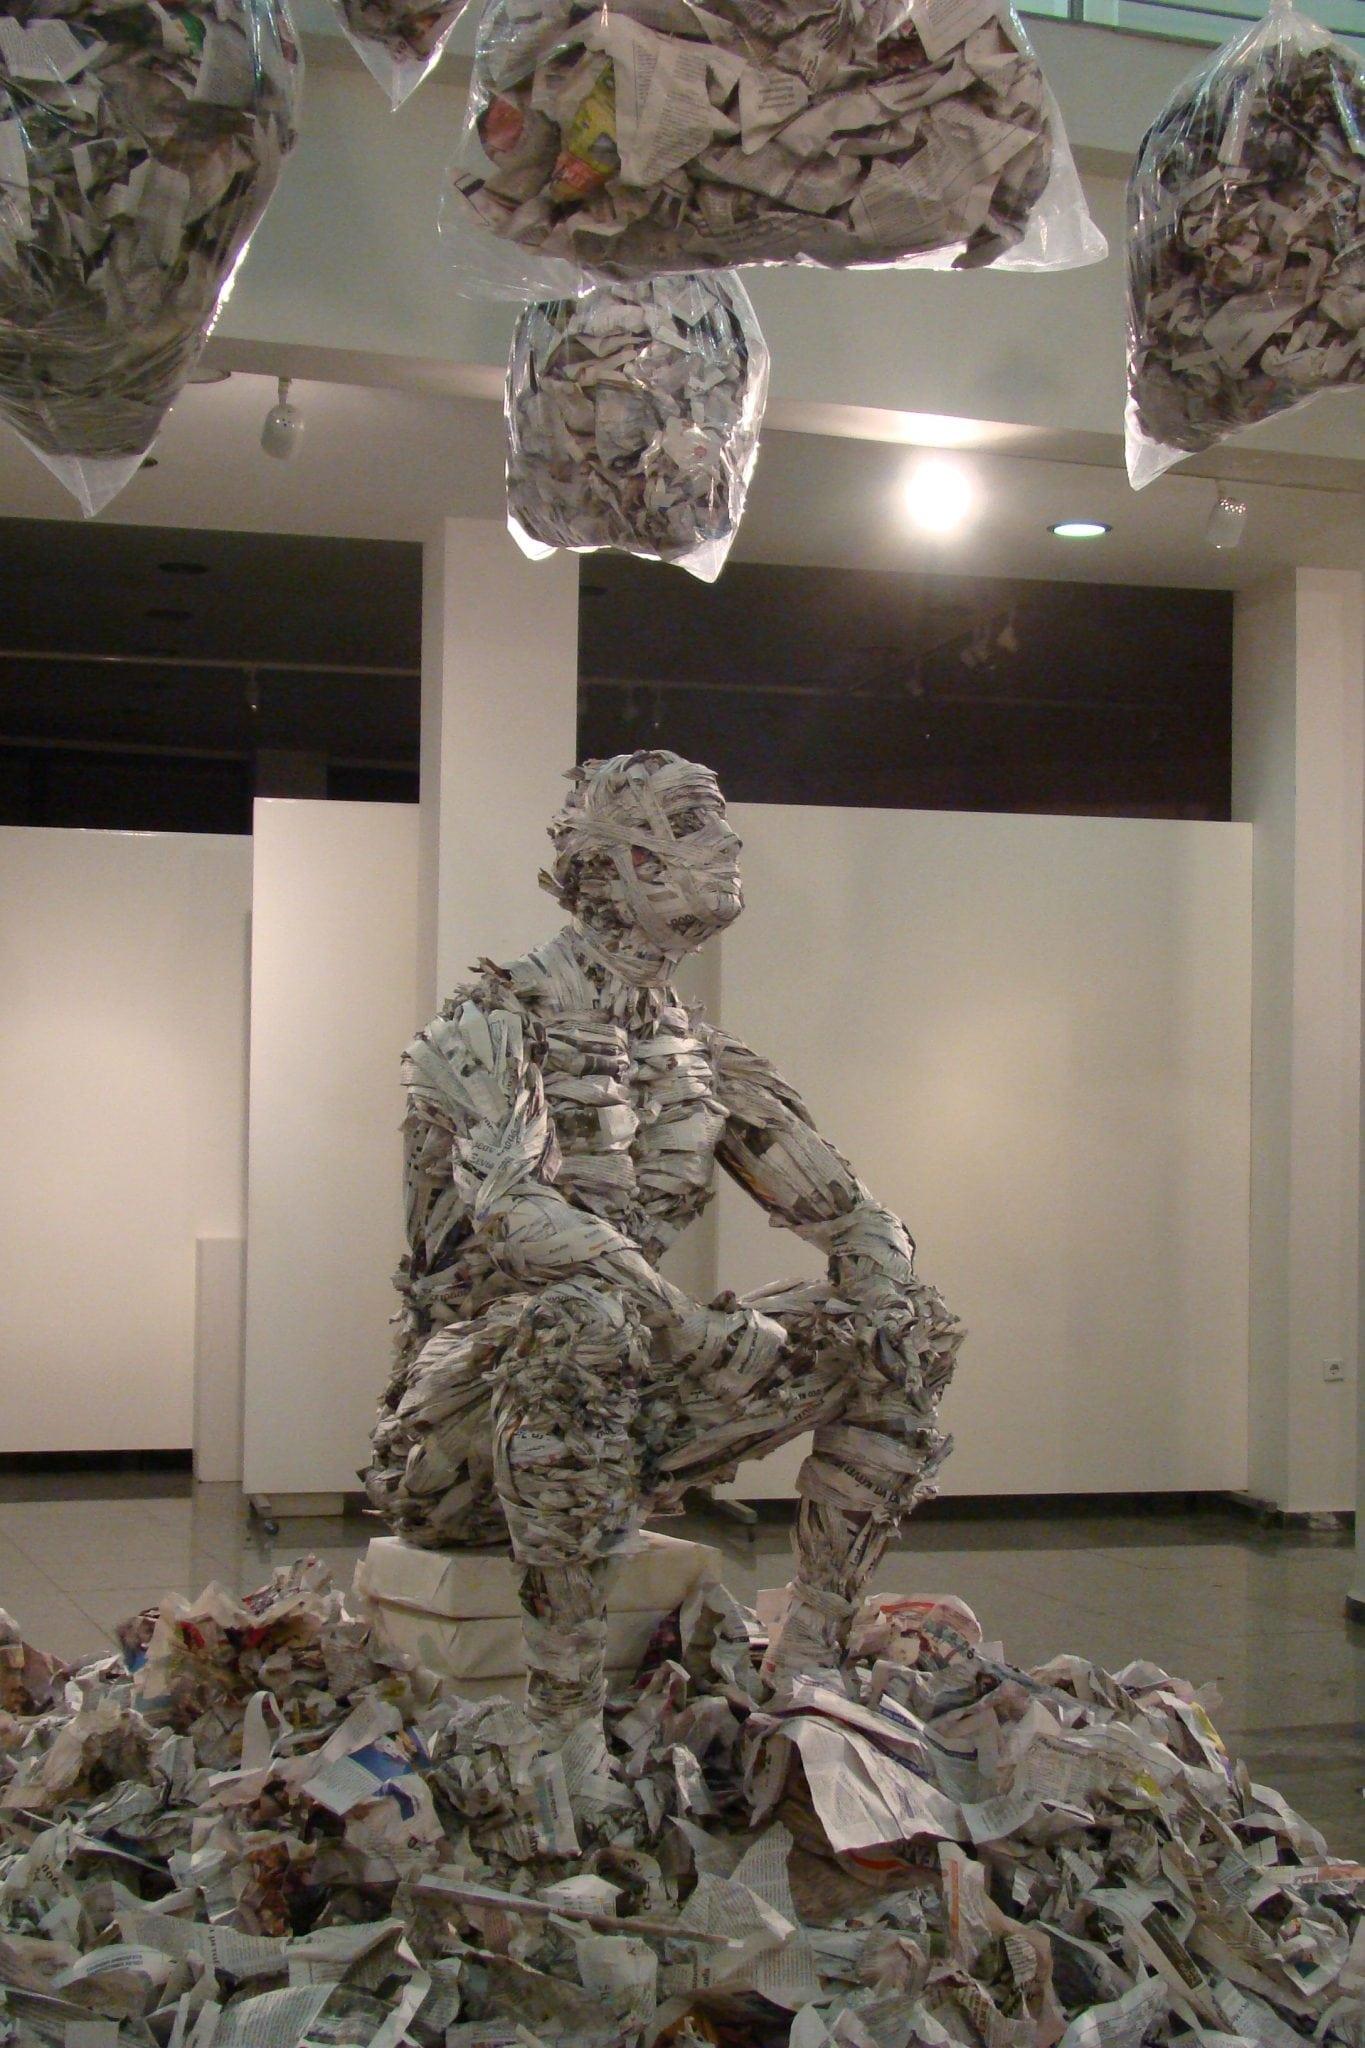 Όταν τα σκουπίδια μας γίνονται έργα τέχνης!